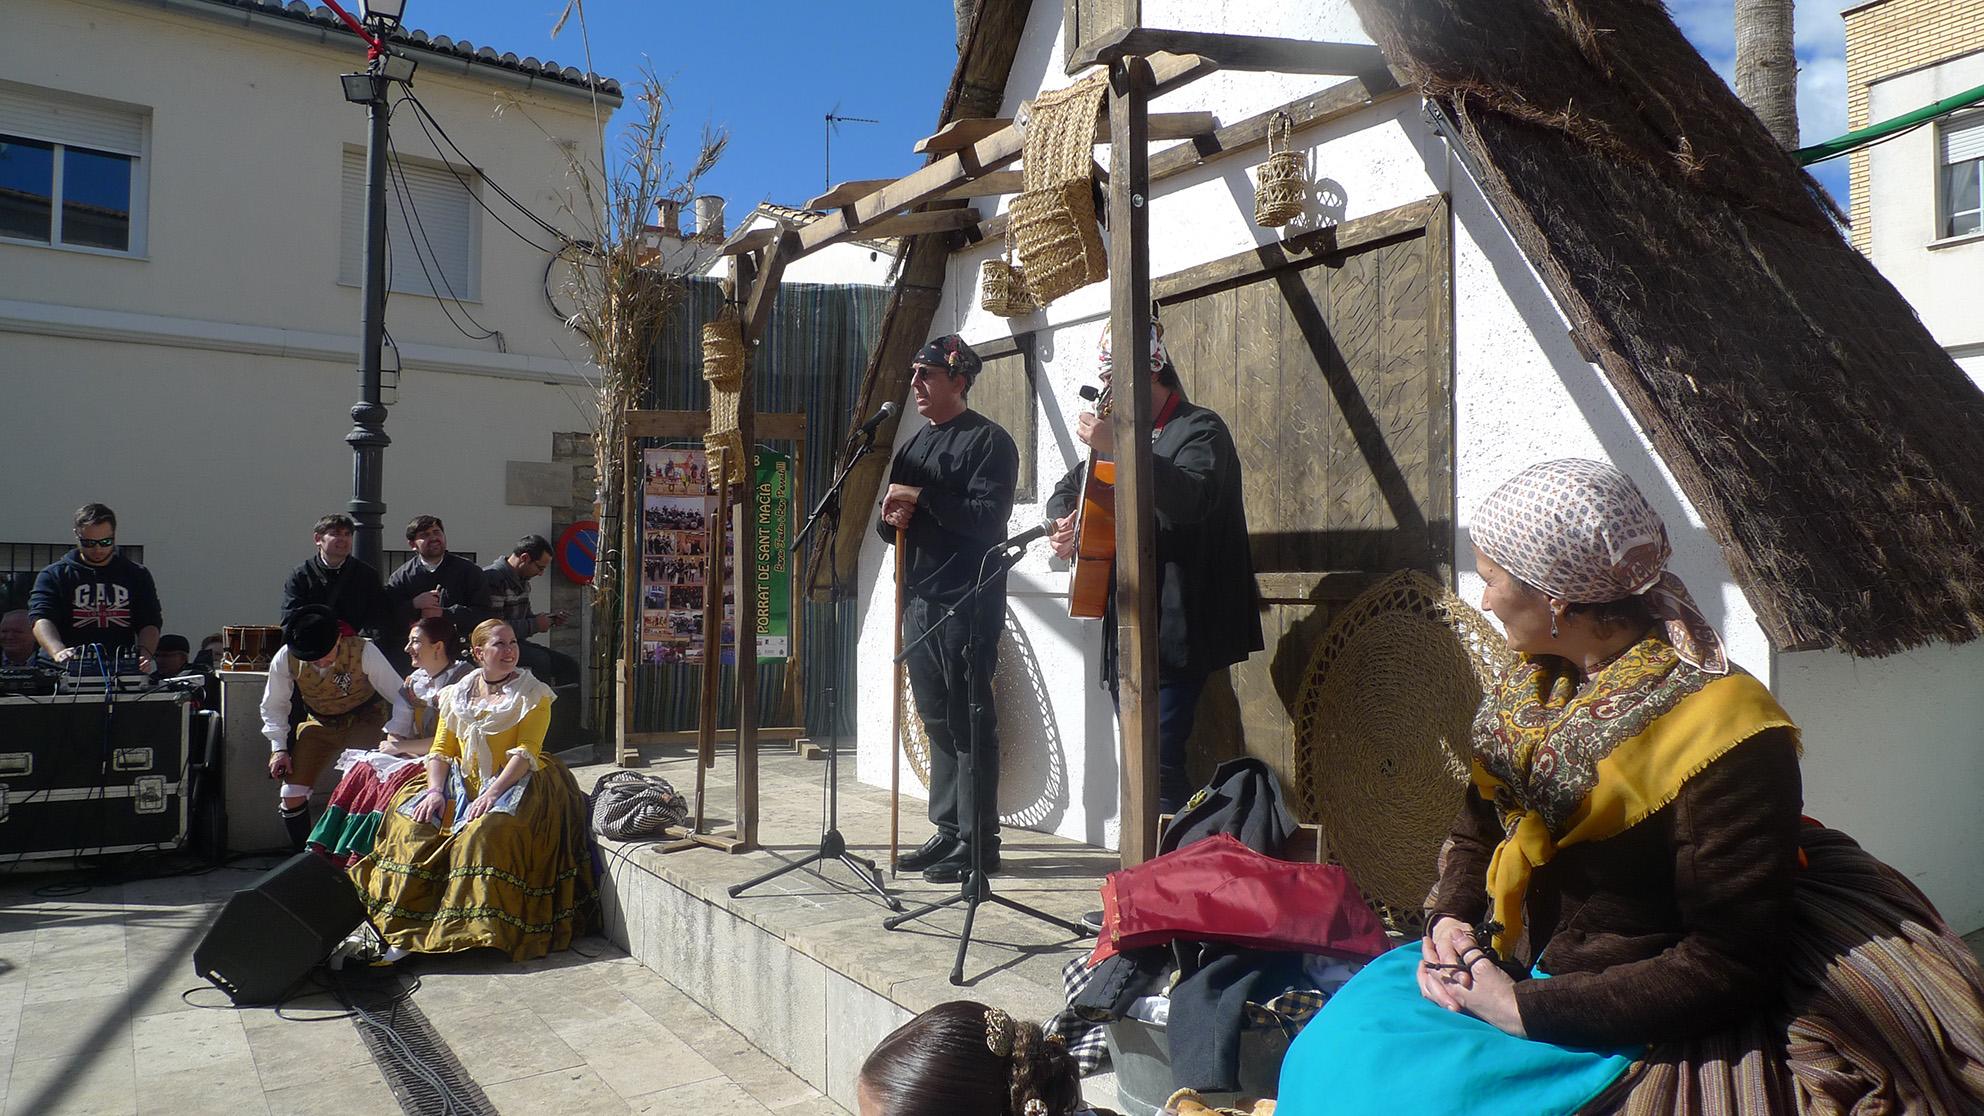 2015-02-21 Baladre al Porrat St Macia RotovaCAM (147)